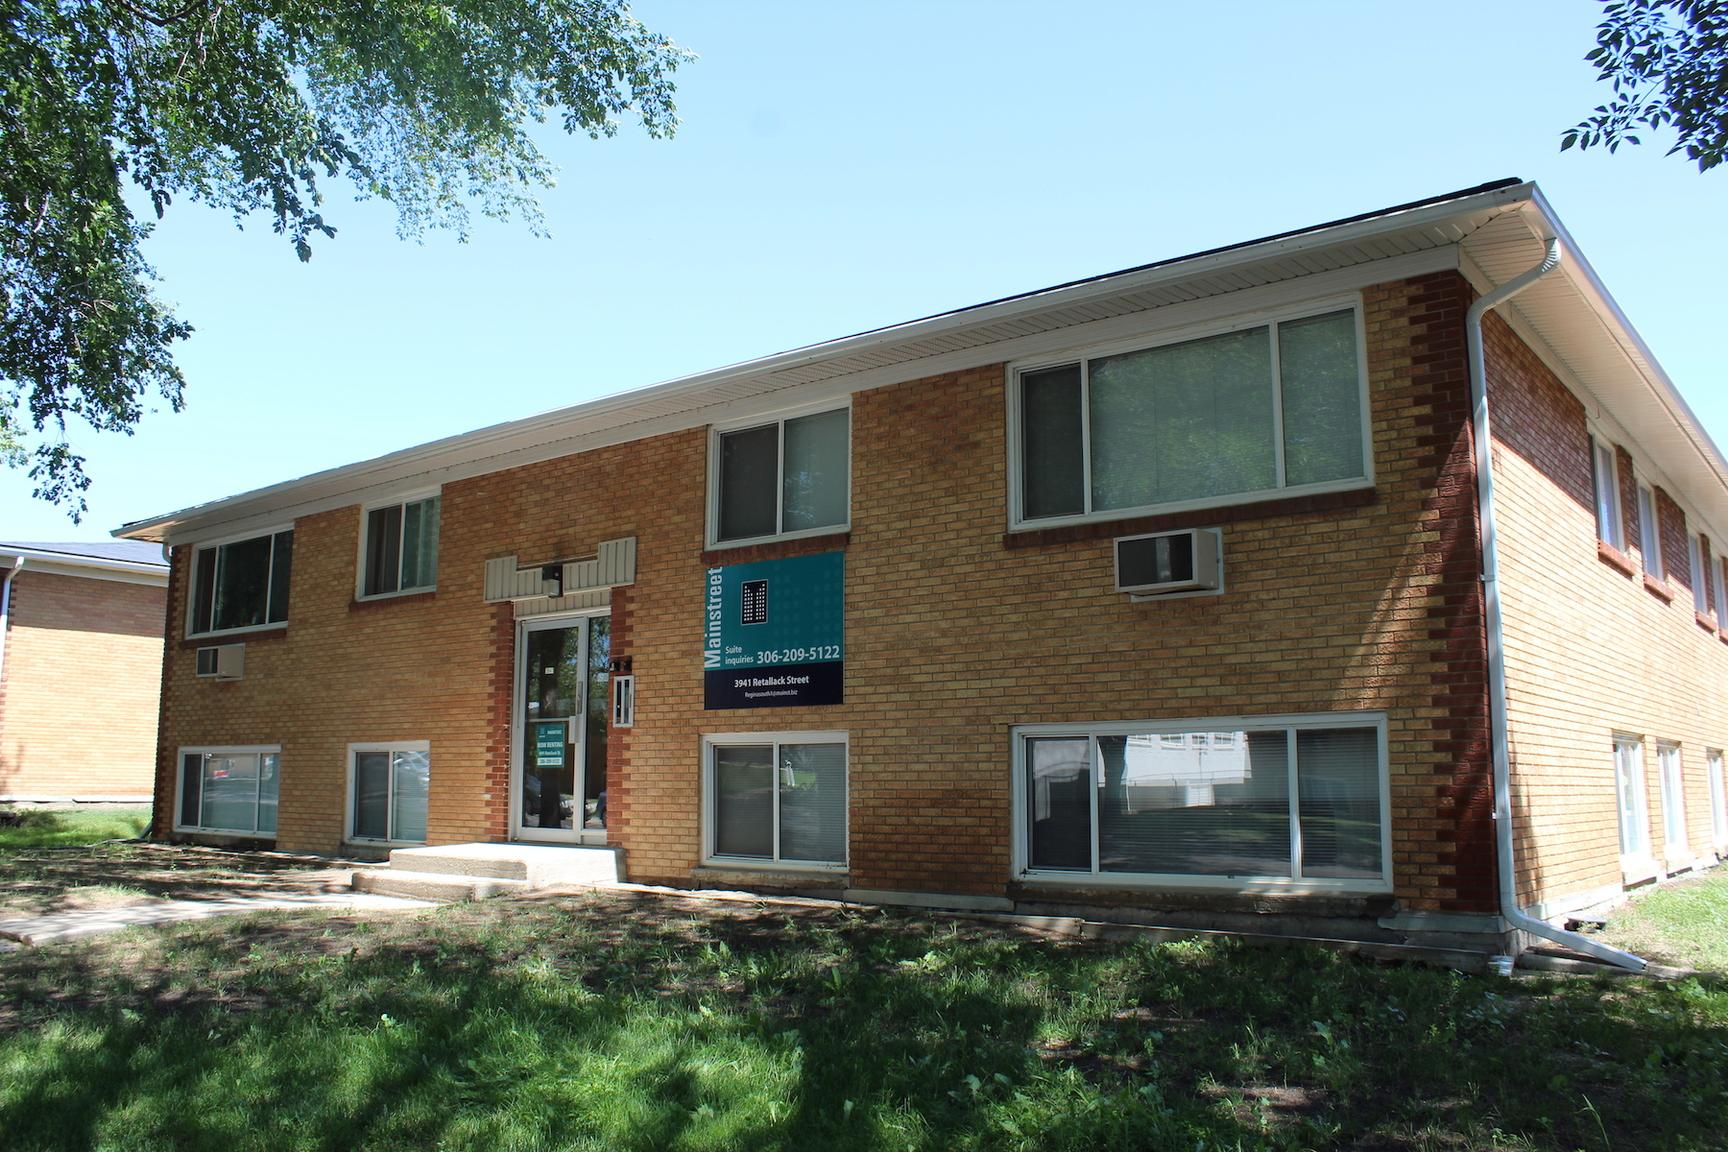 3941 Retallack Street, Regina, SK - $854